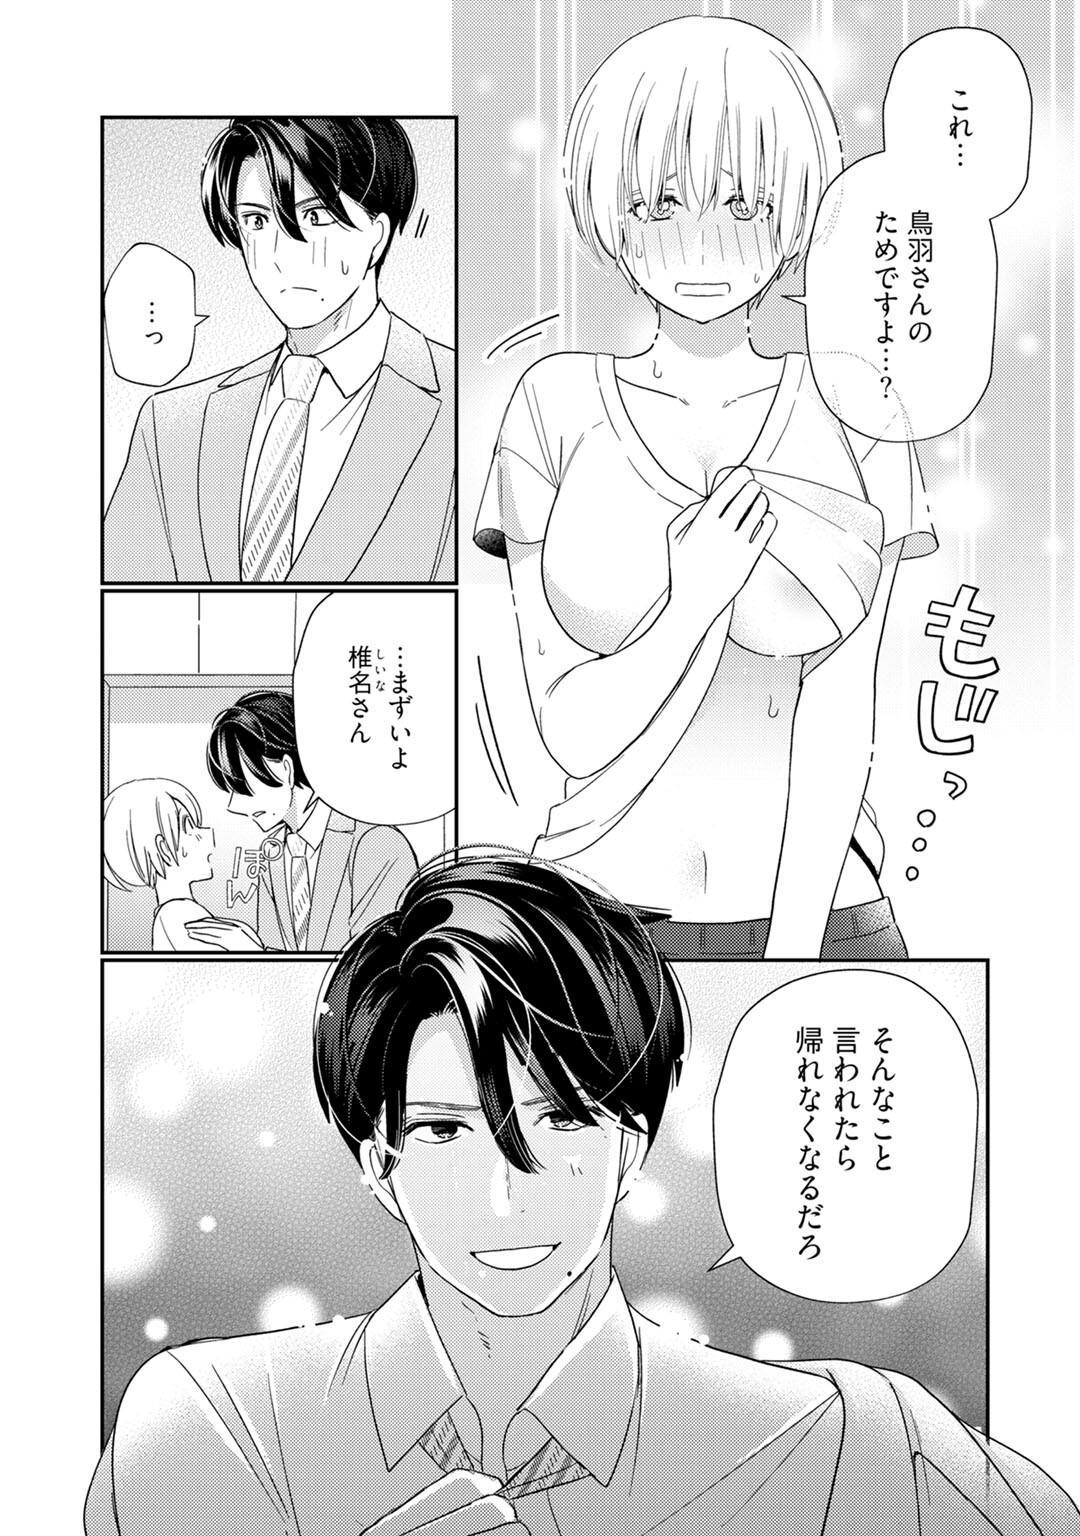 [Okonogi Happa] Kyonyuu-chan to Kyokon Joushi -Kaisha de Musabori Sex- act. 7 20